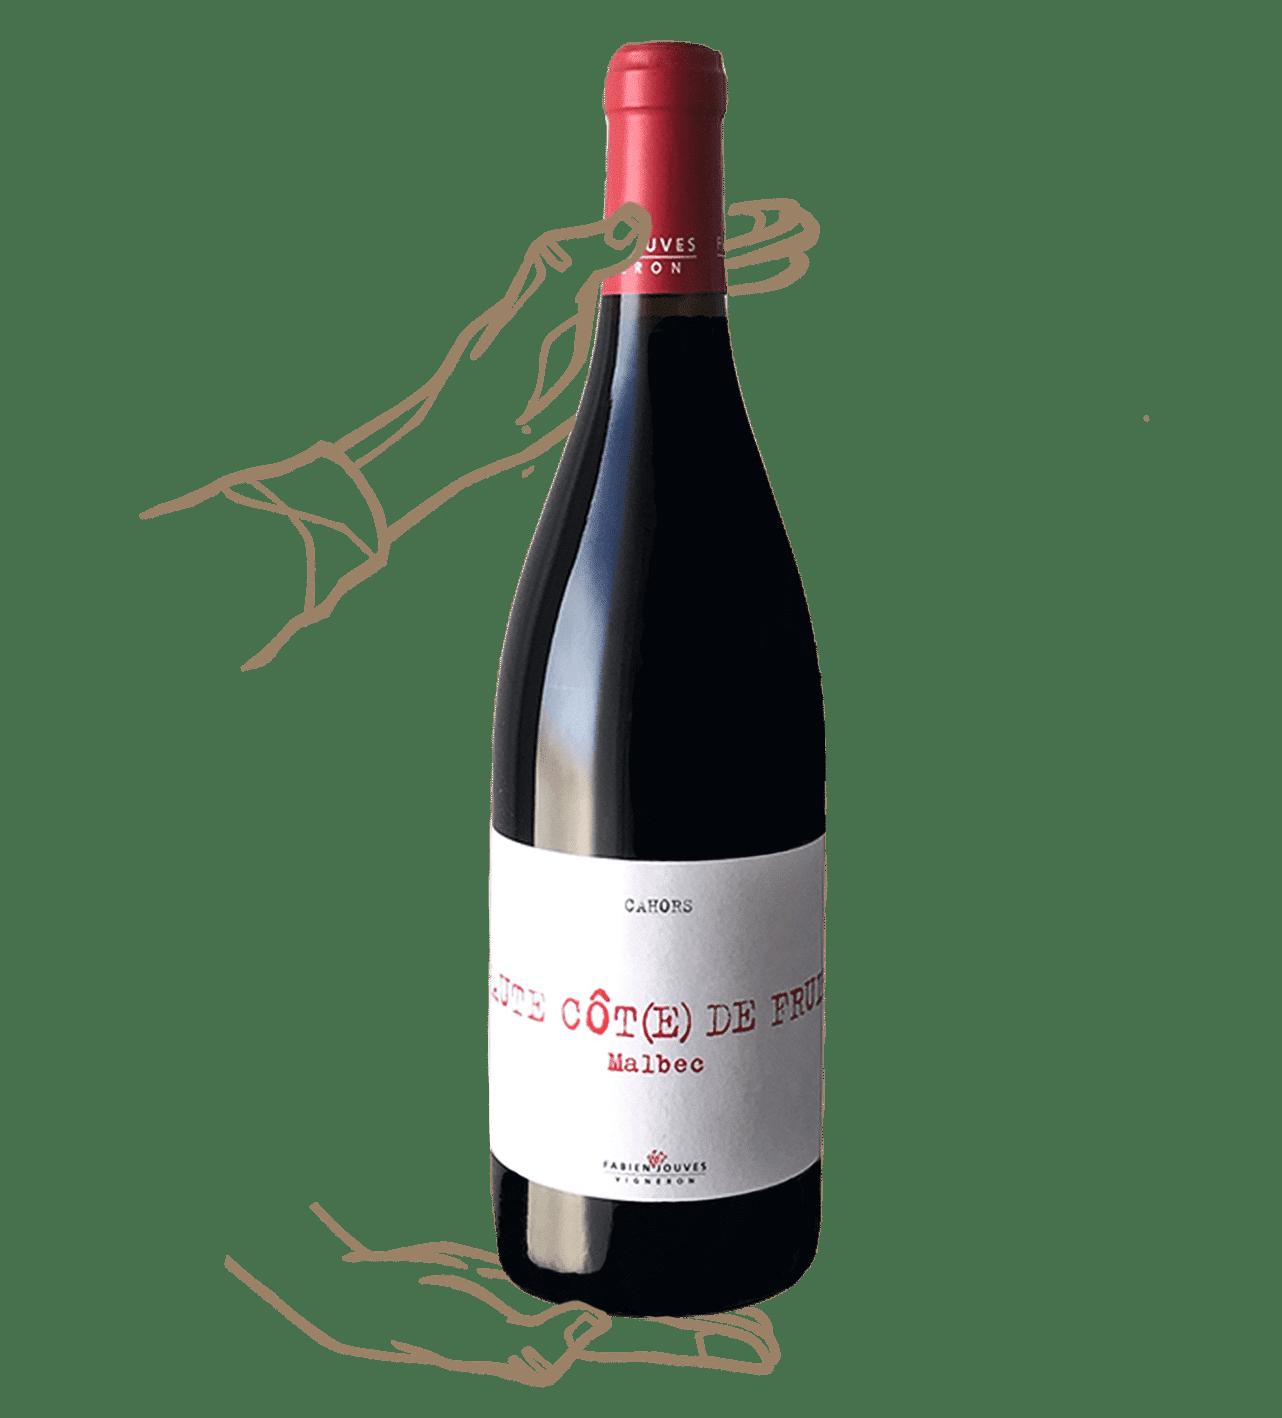 haute côte de fruits est un vin rouge nature de fabien jouves du domaine mas del pieré